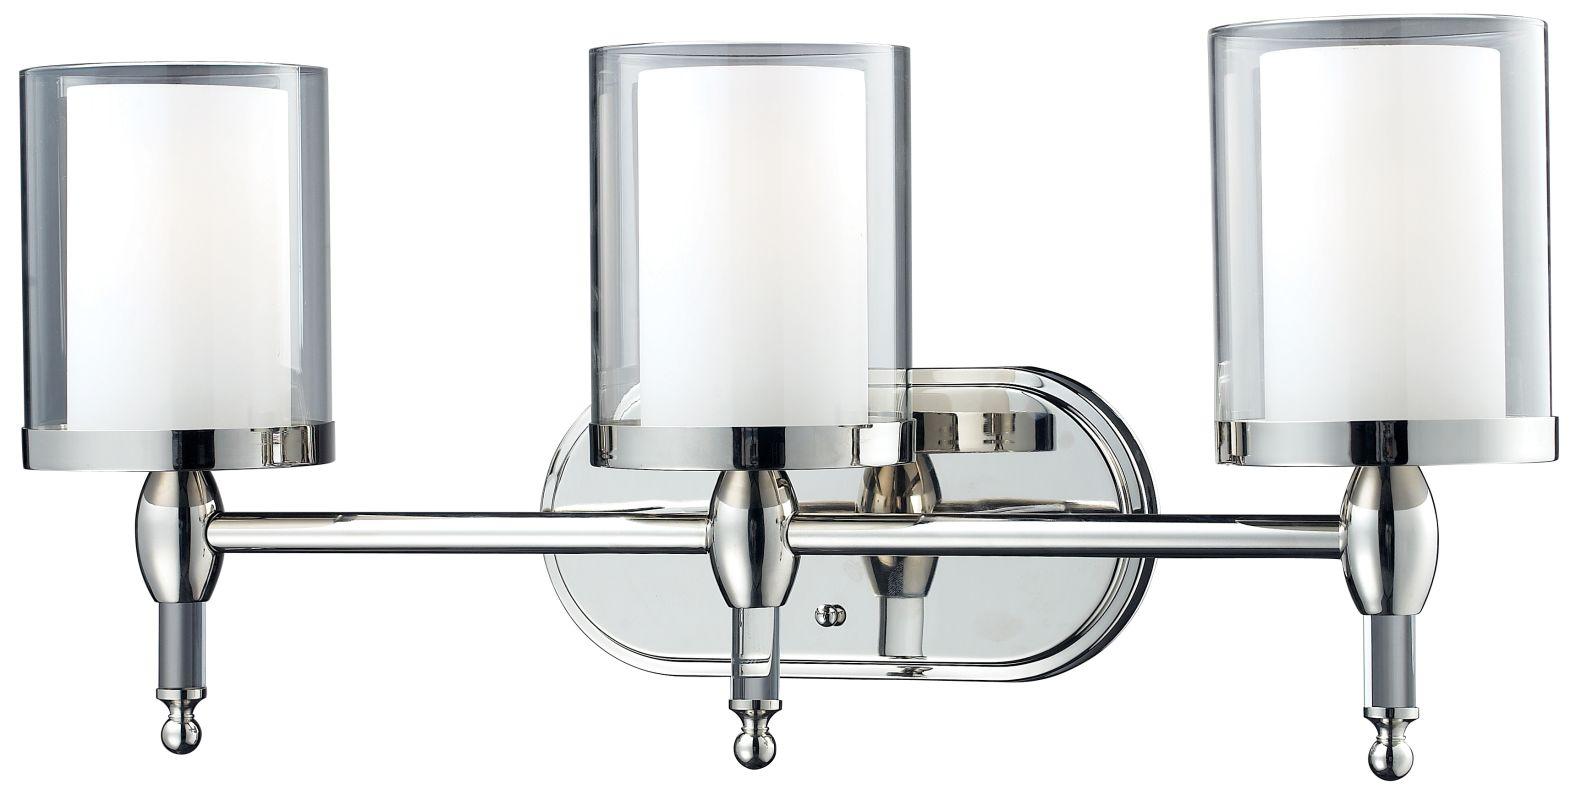 Z-Lite 1908-3V Argenta 3 Light Bathroom Vanity Light with Matte Opal